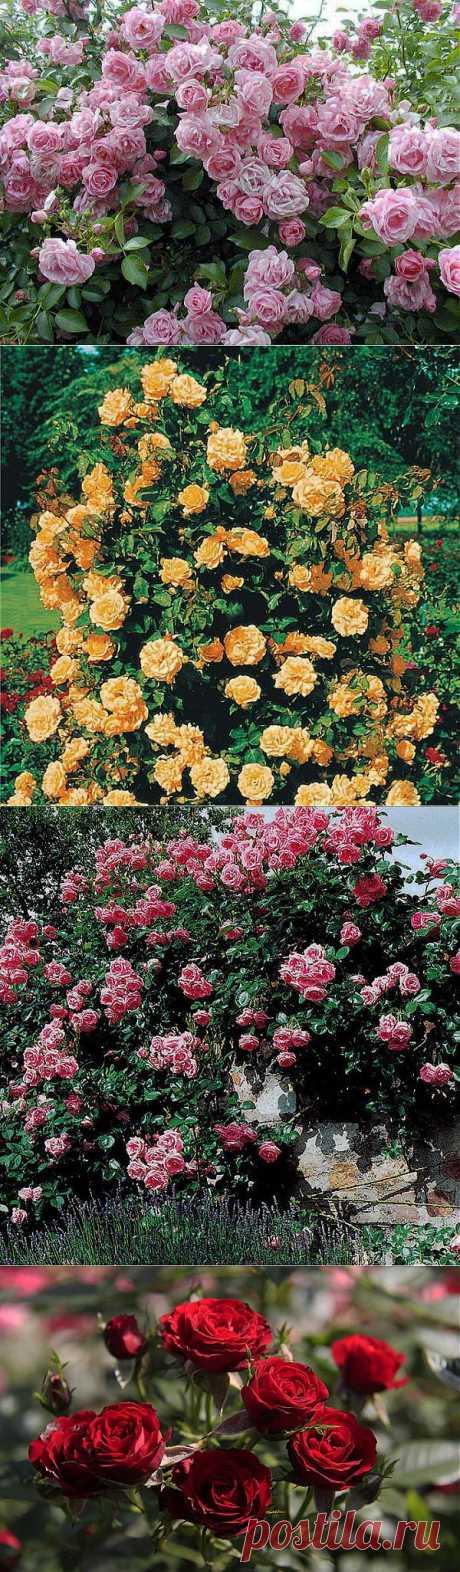 Выращивание плетистых роз..